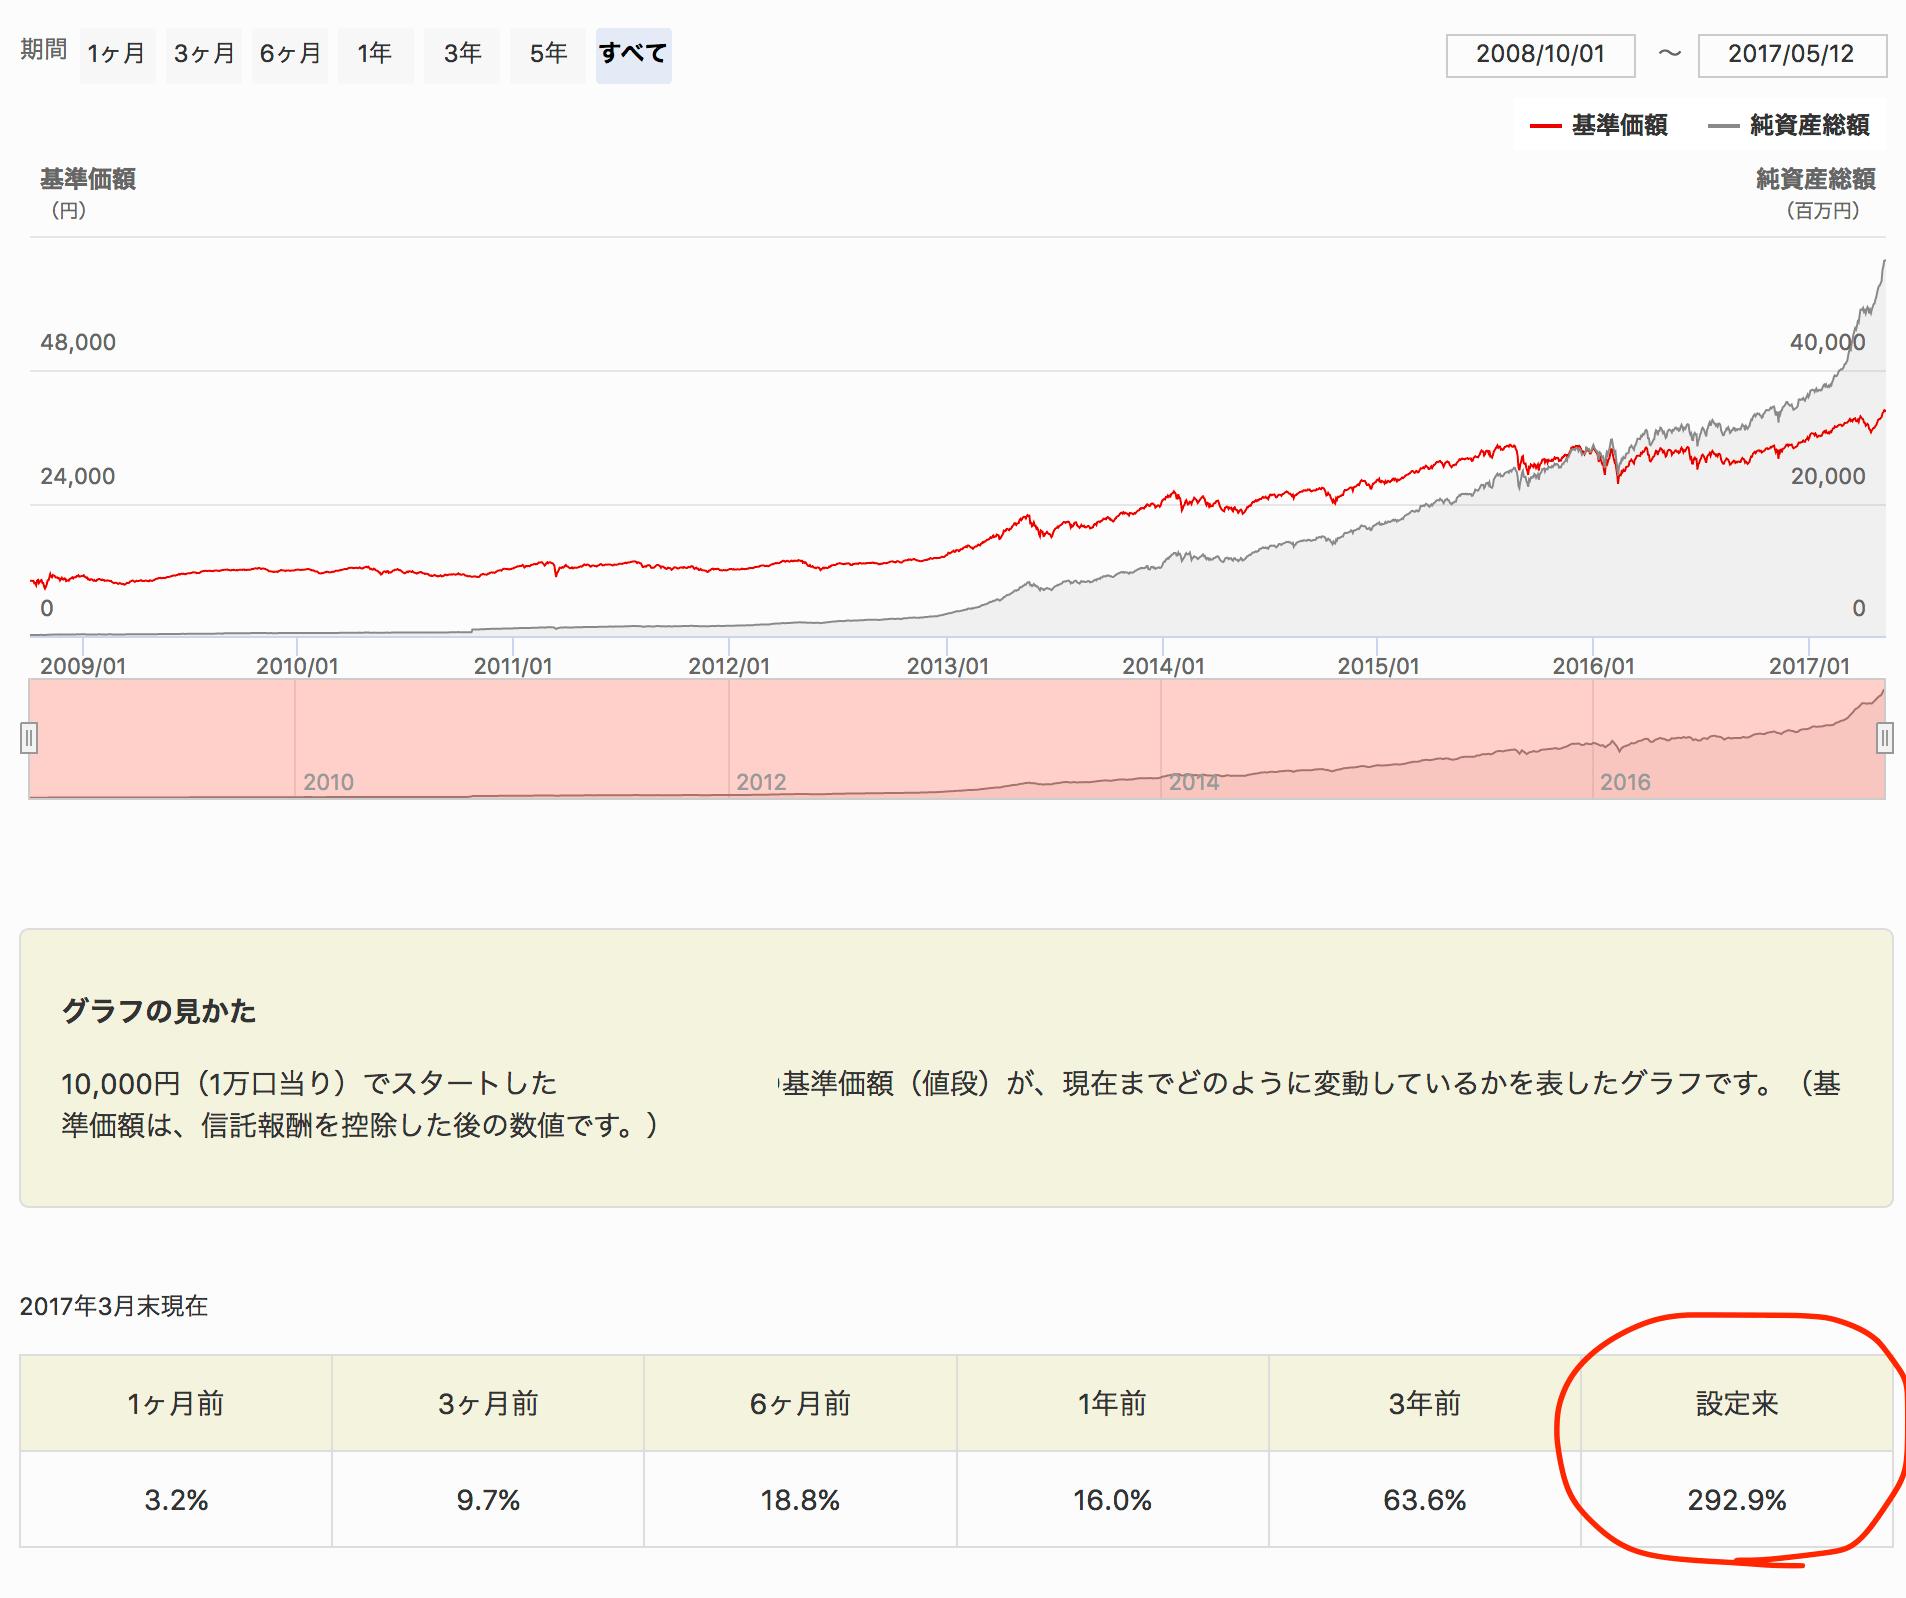 月々2万円で老後資金に2,400万円準備する方法